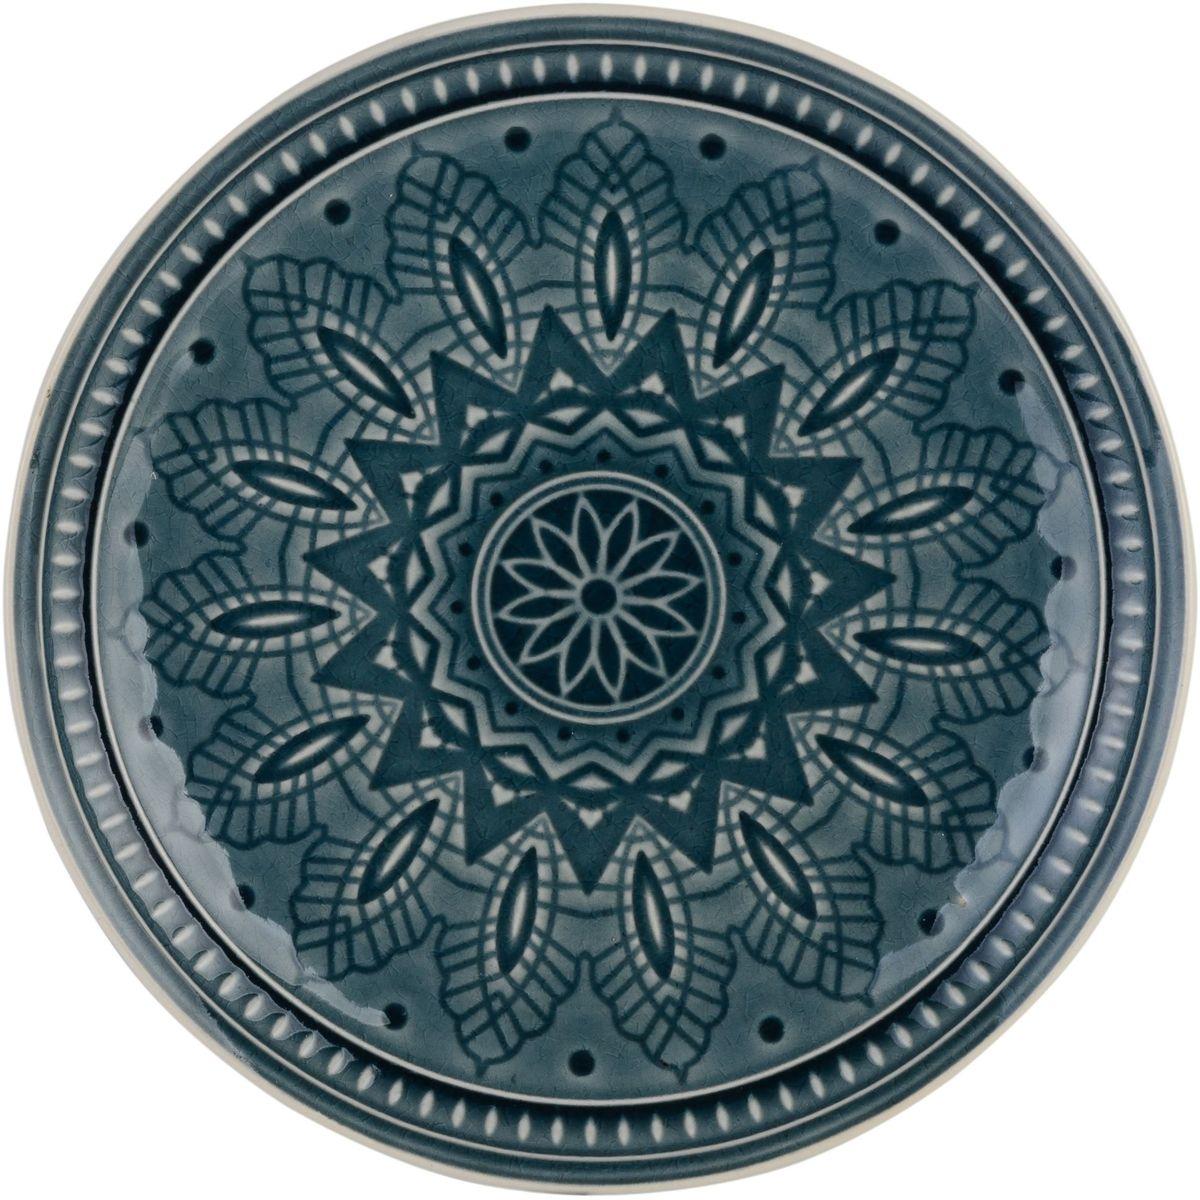 Набор тарелок десертных Tongo, цвет: серый винтаж, диаметр 20,5 см, 6 штPL-205g Tongo Набор тарелок десертныхТрадиционная этническая посуда Индонезии. Декоративная техника придает посуде этнический шарм, с элементами старения, в виде паутинки мелких трещинок на поверхности эмали, что повышает ее привлекательность и ценность среди посудных аналогов. В процессе эксплуатации мелкие трещины так же могут проявляться на внутренних поверхностях кружек и салатников, - что так же является задумкой дизайнеров, заложенной в производственной технологии.